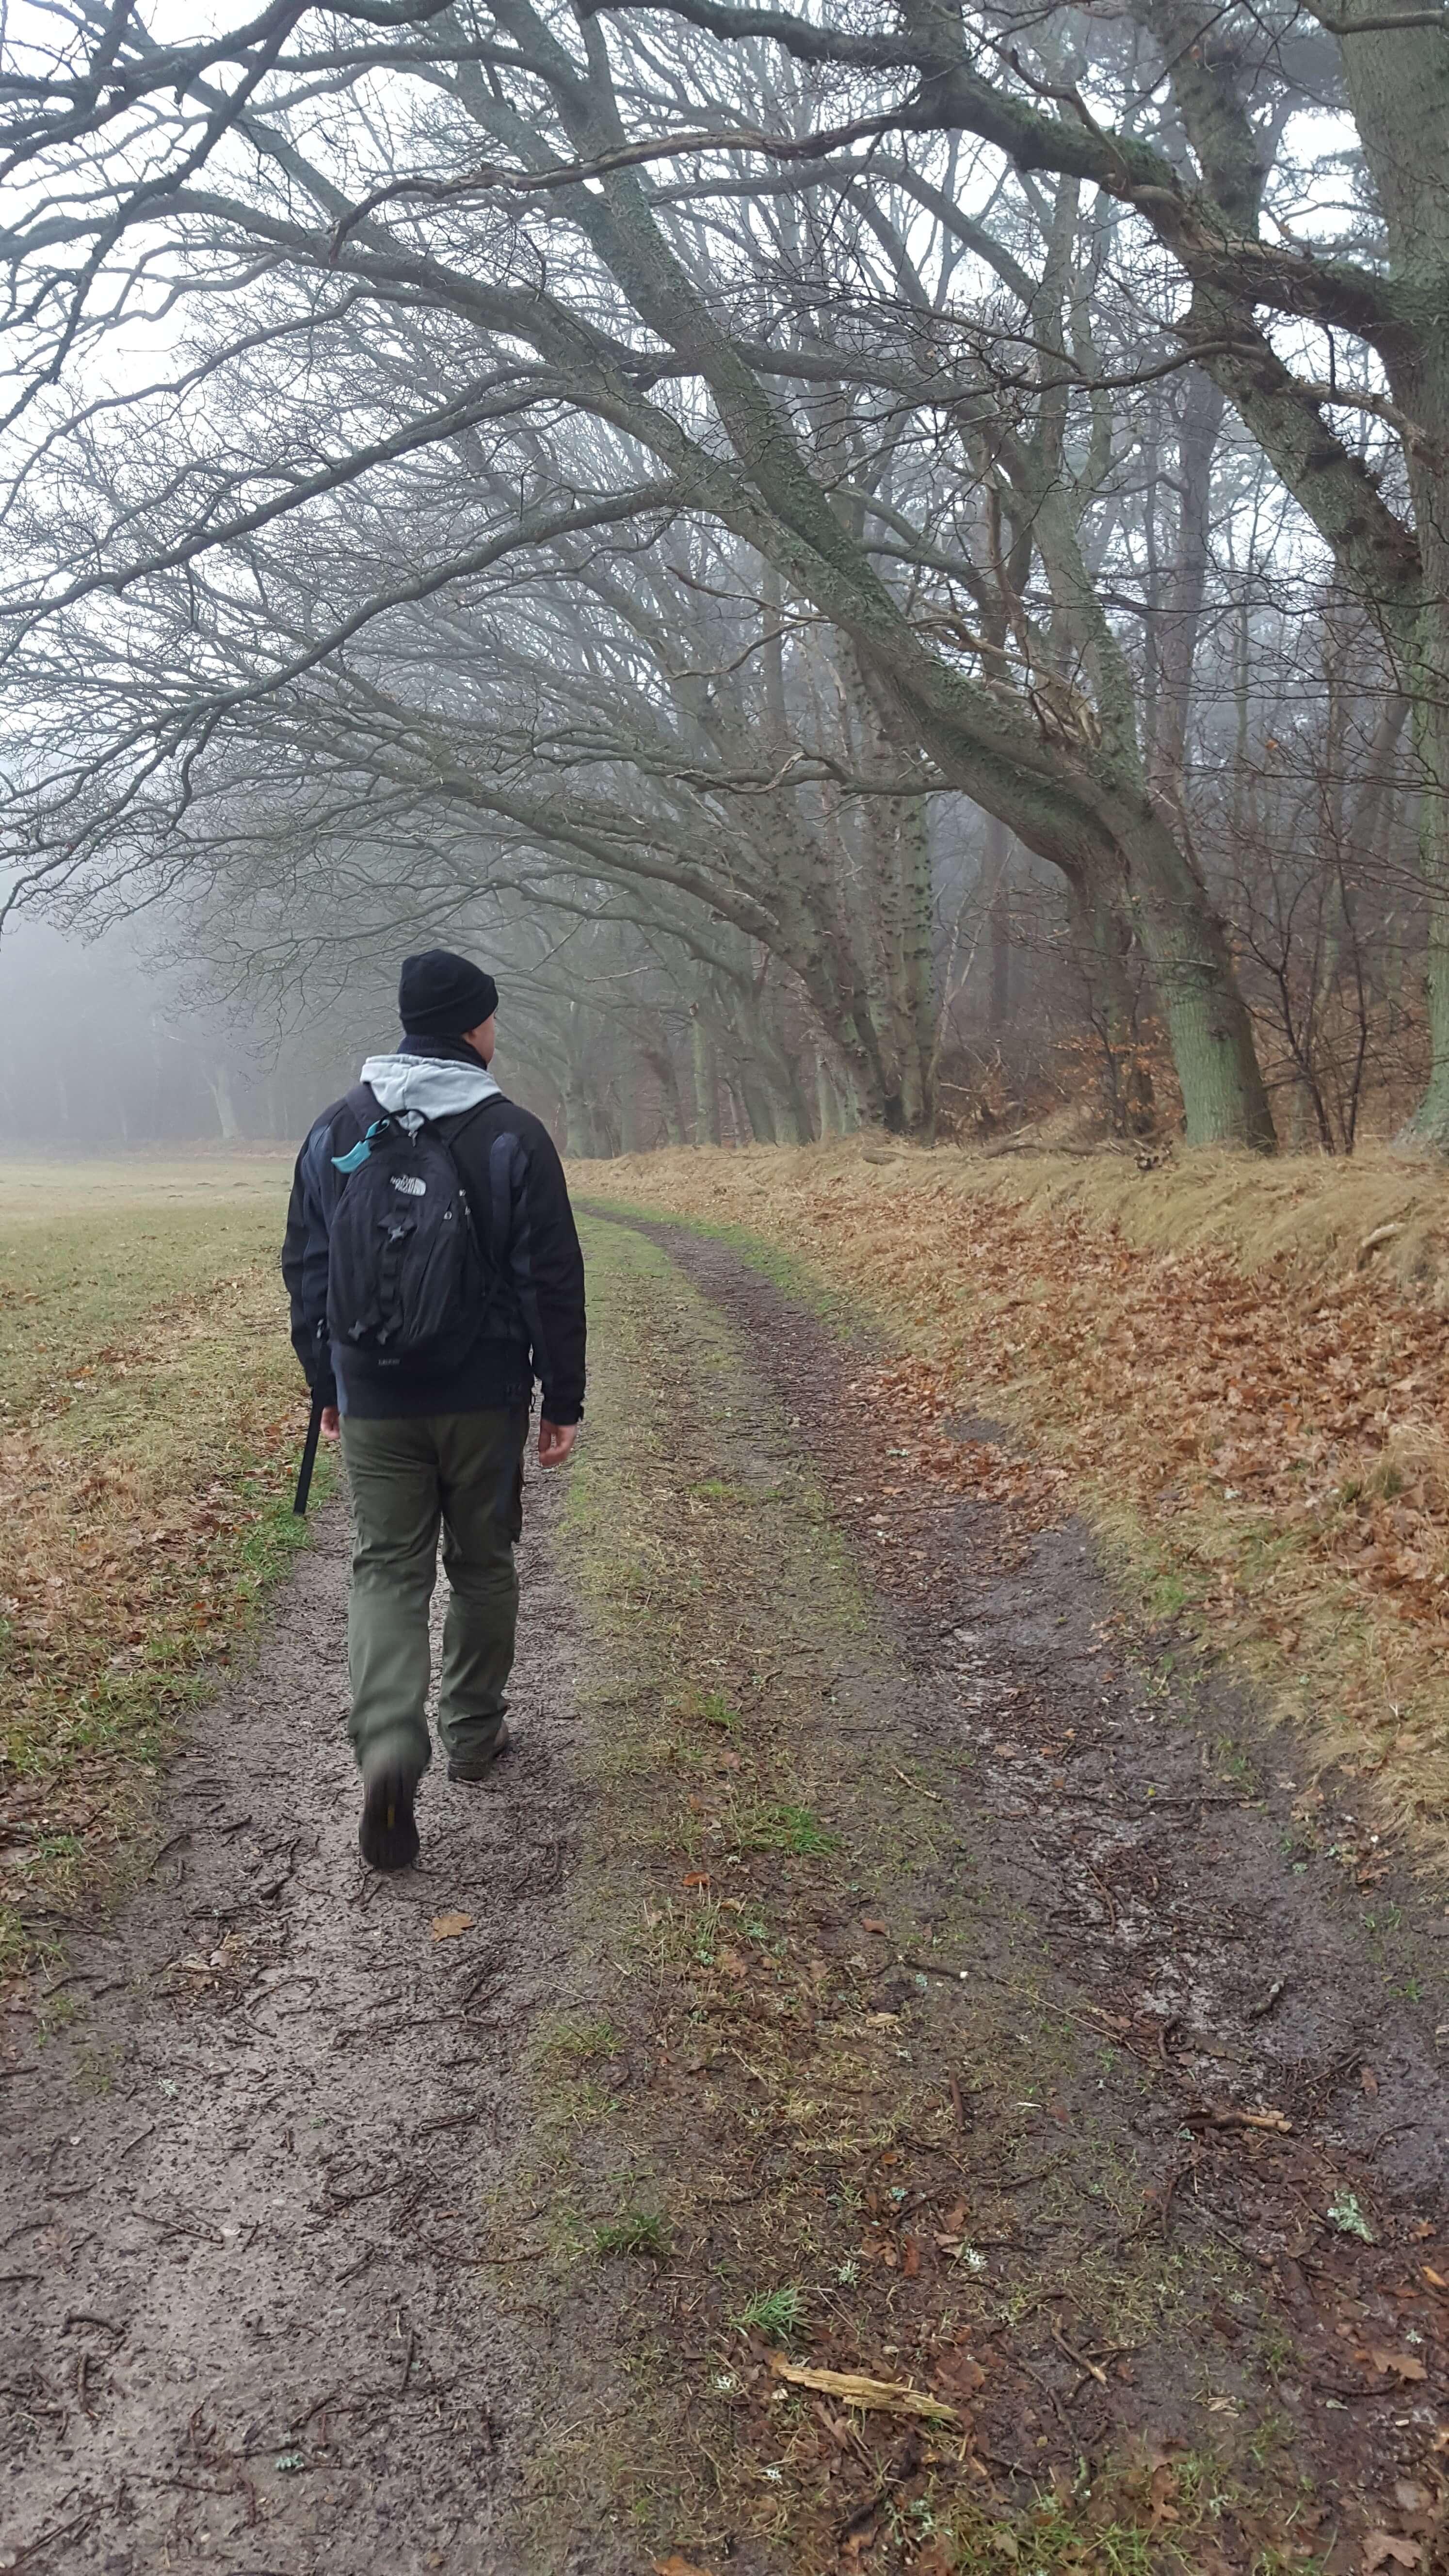 ensom vandrer i skoven om vinteren